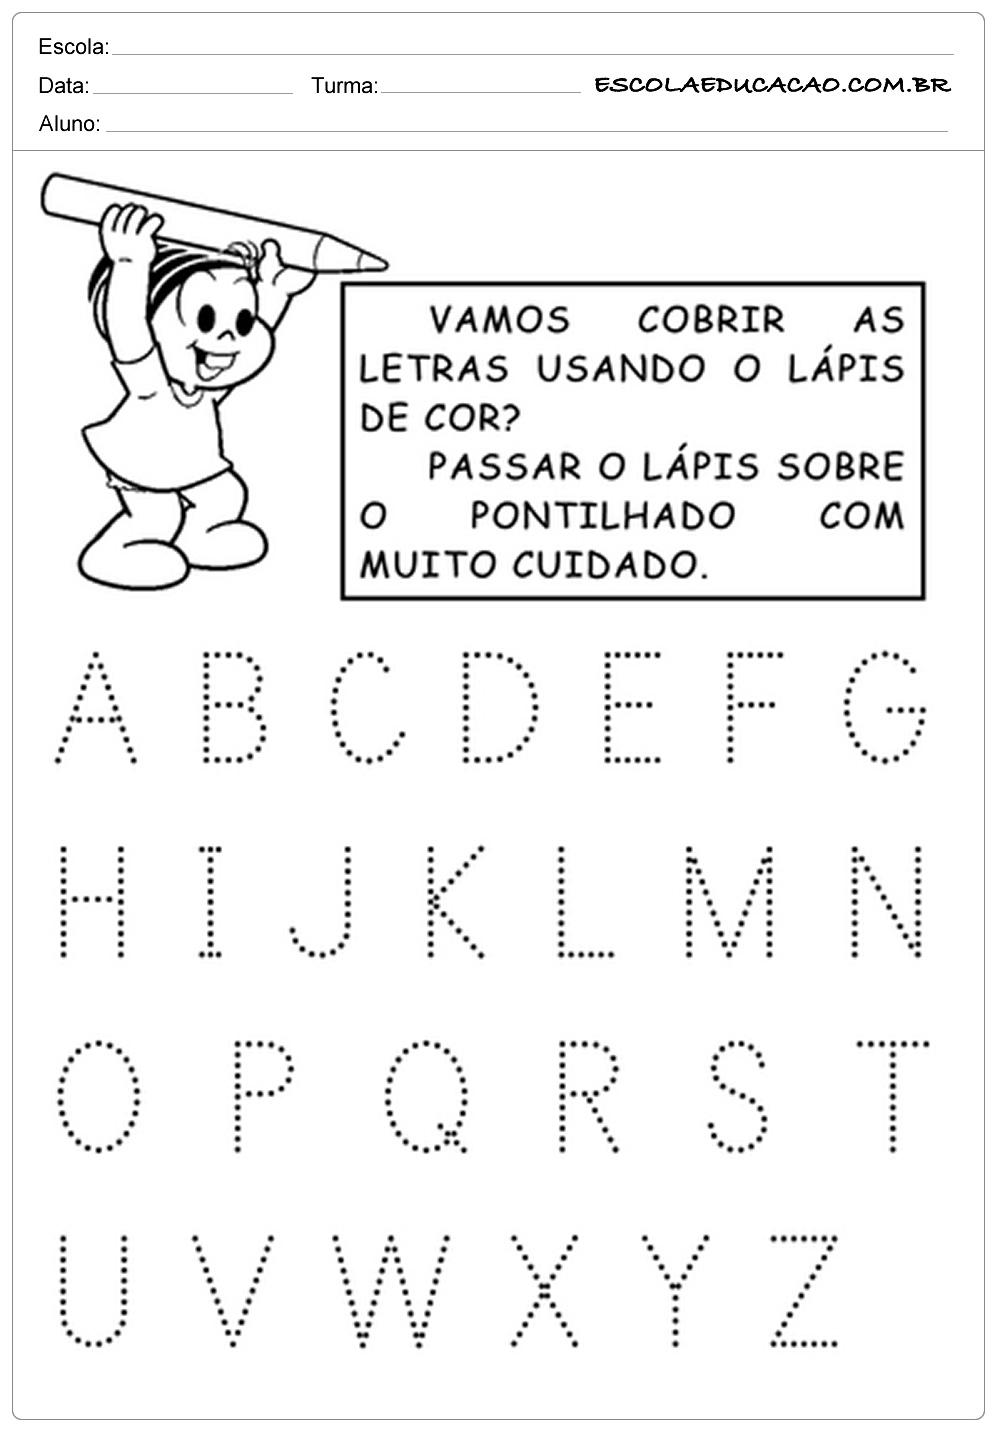 Alfabeto Pontilhado Vamos Cobrir As Letras Escola Educacao